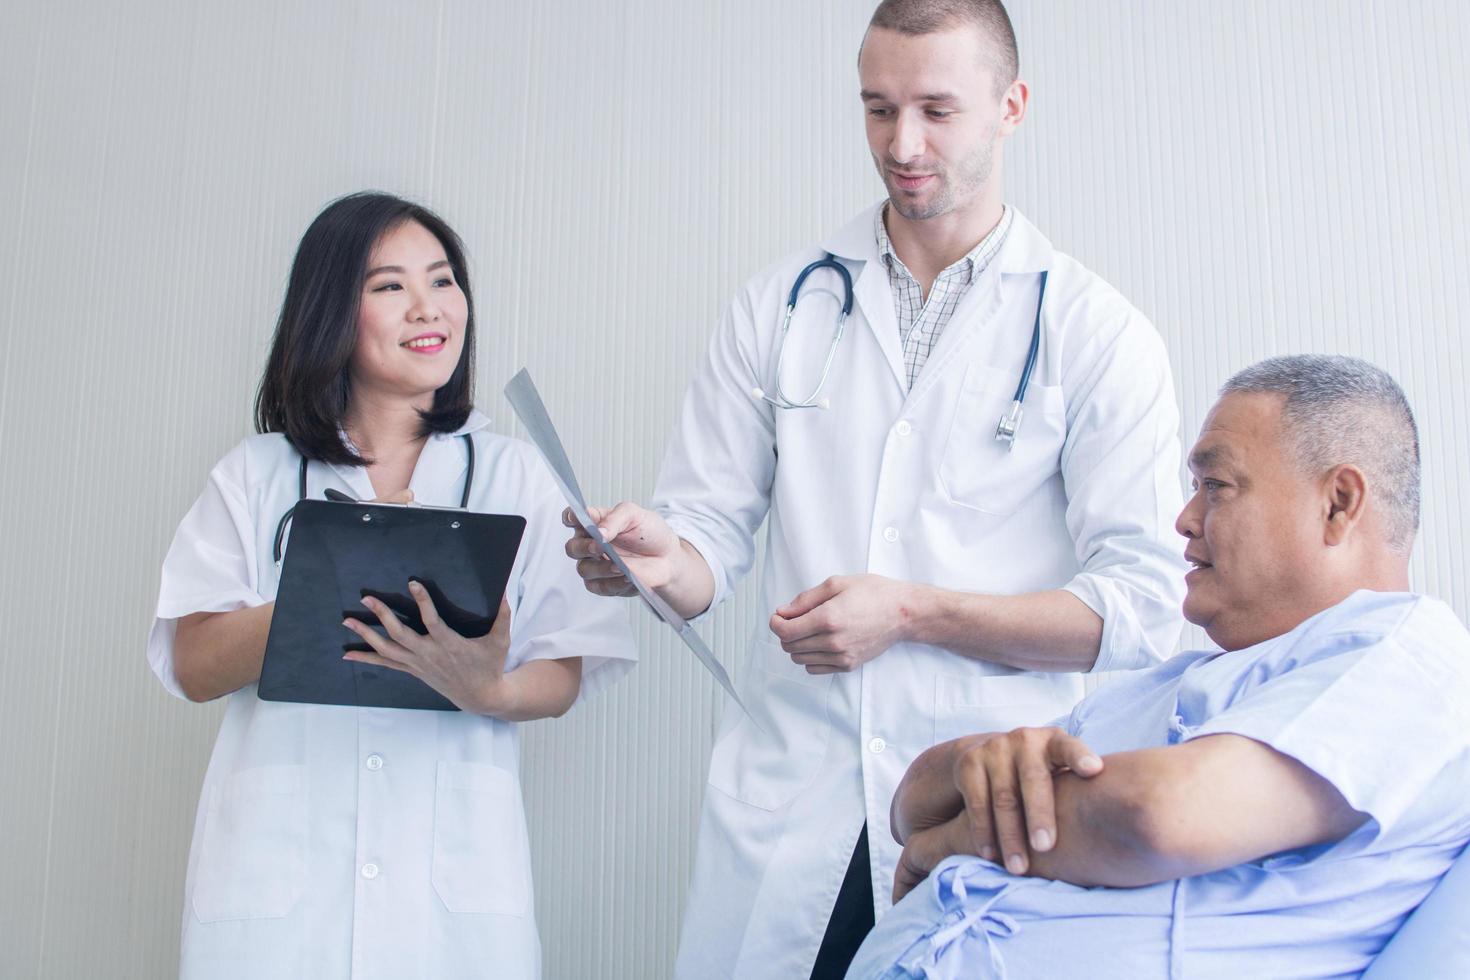 professionnels de la santé parlant avec le patient photo